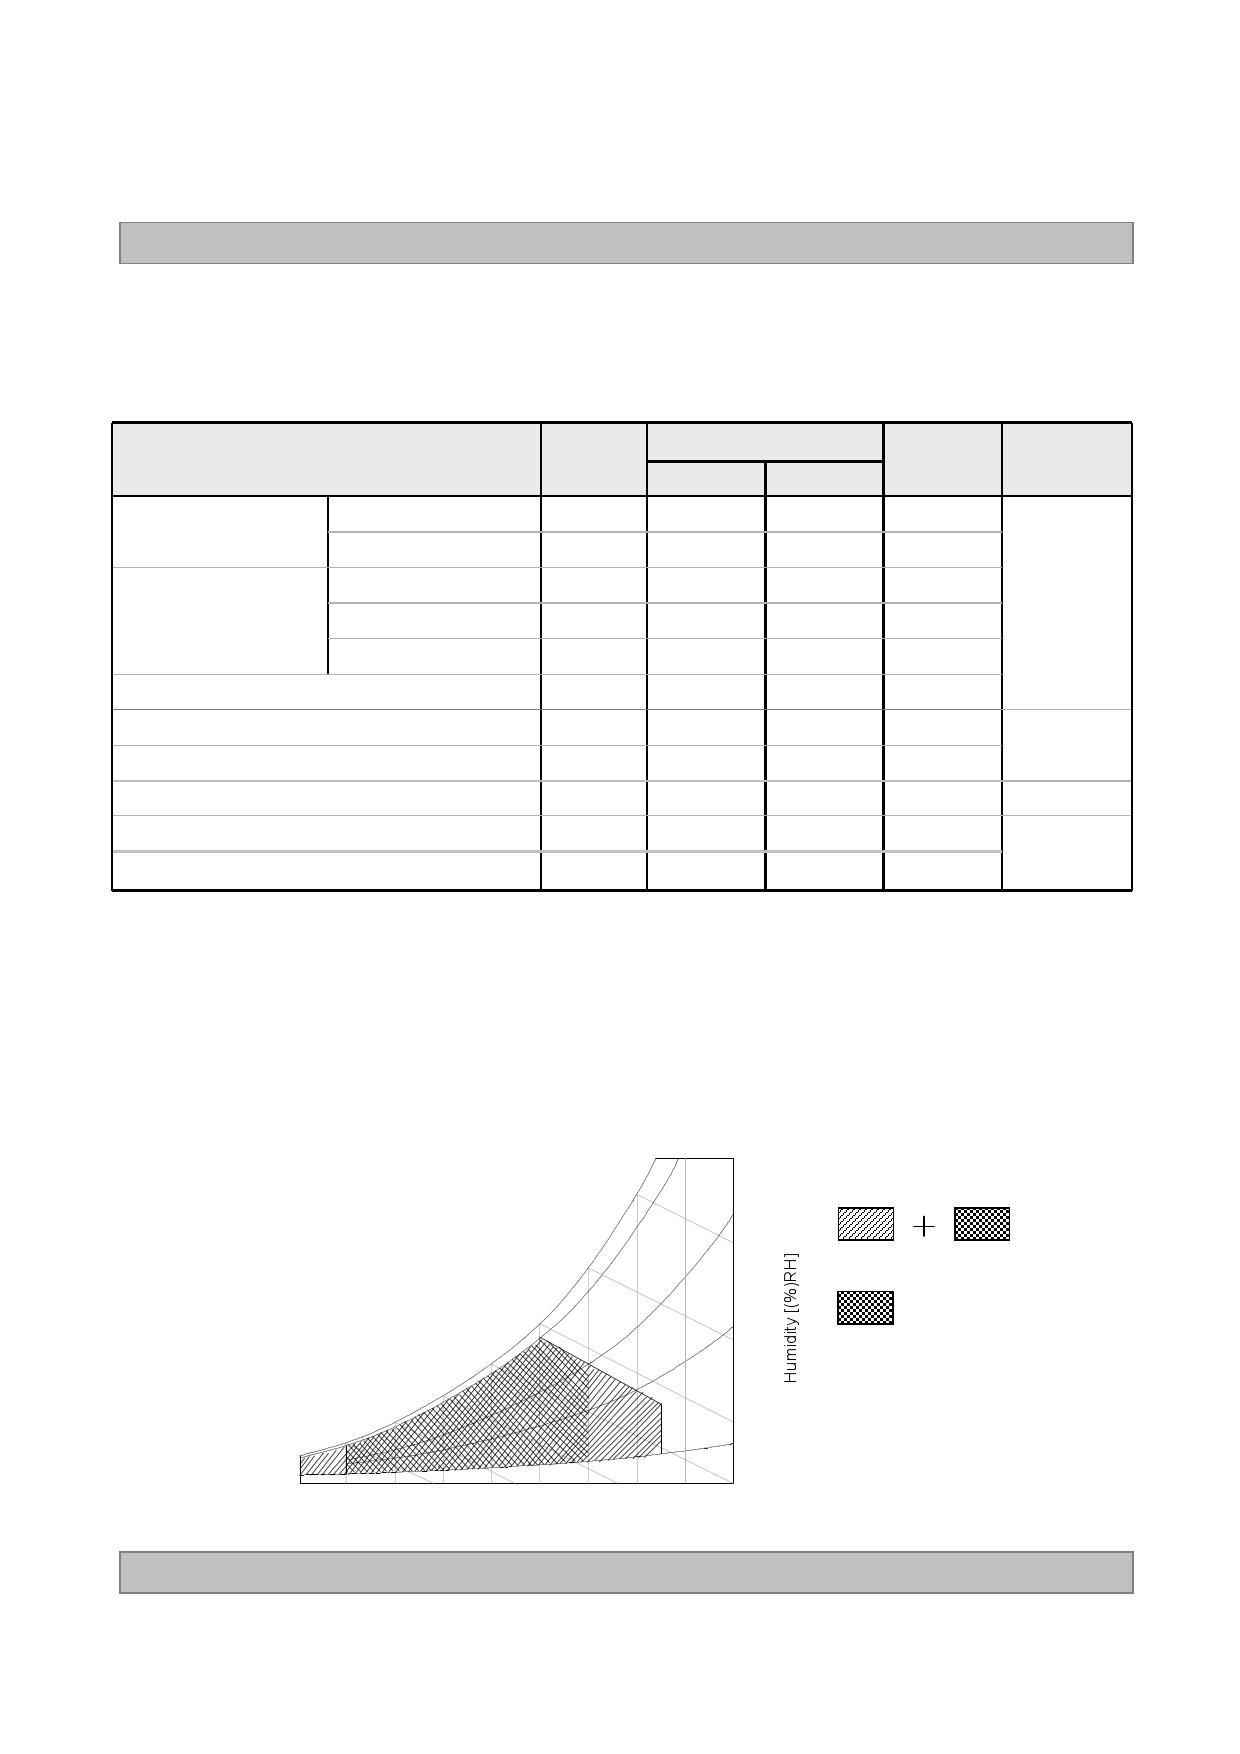 LC320DXN-SFR2 pdf